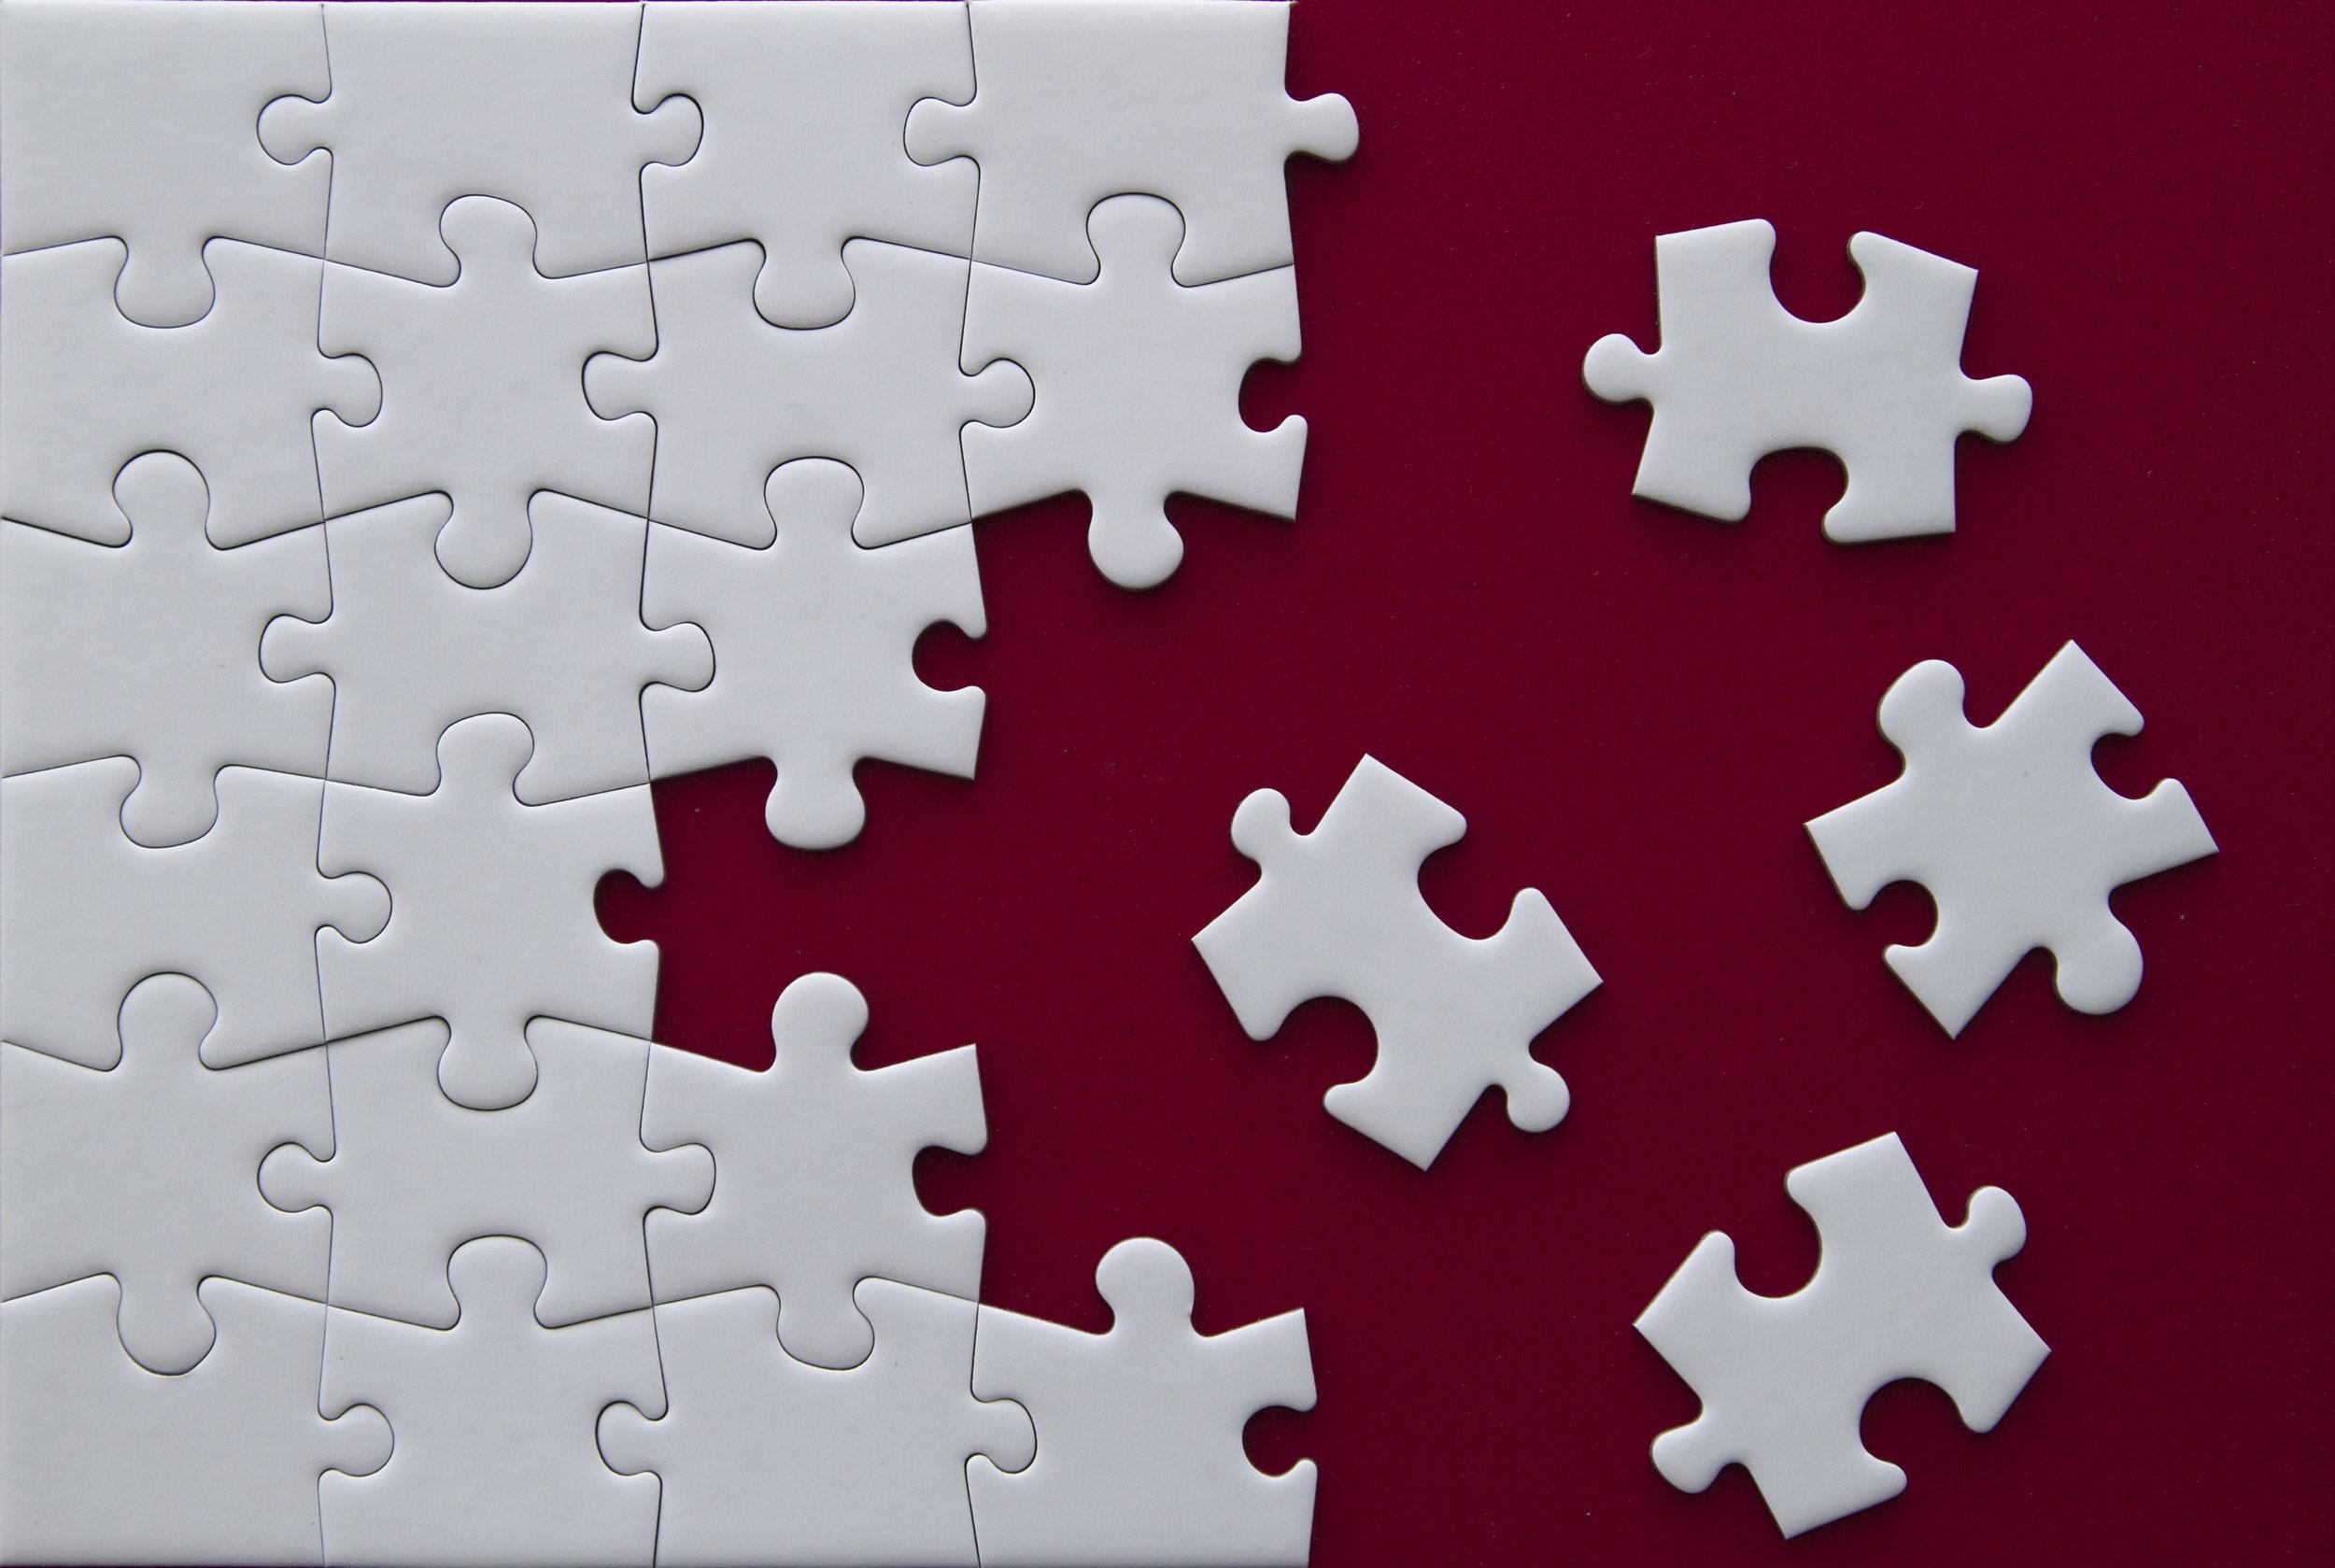 Puzzle .jpg